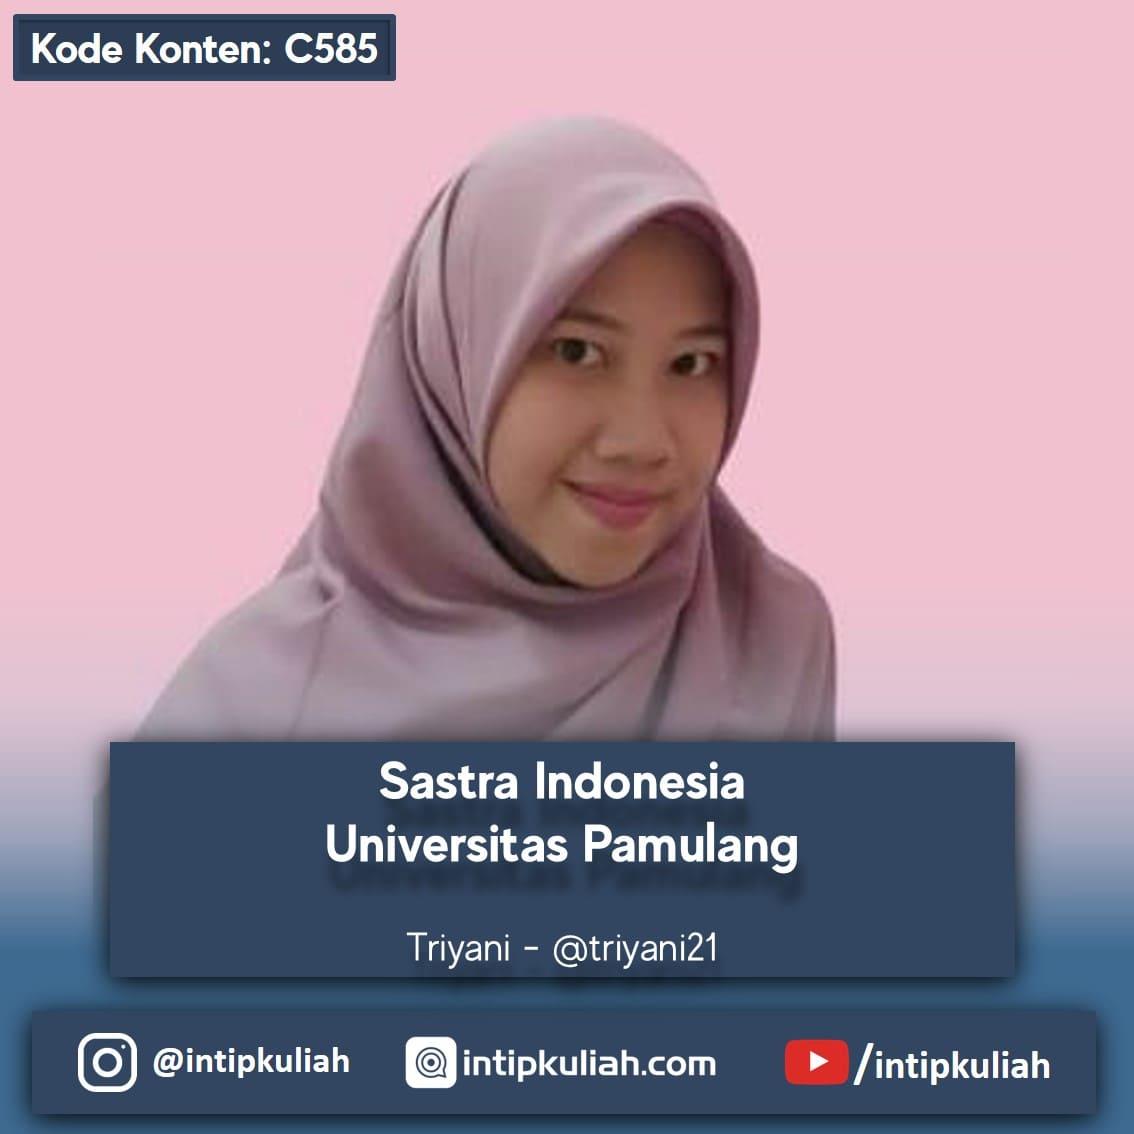 Sastra Indonesia Universitas Pamulang (Triyani)